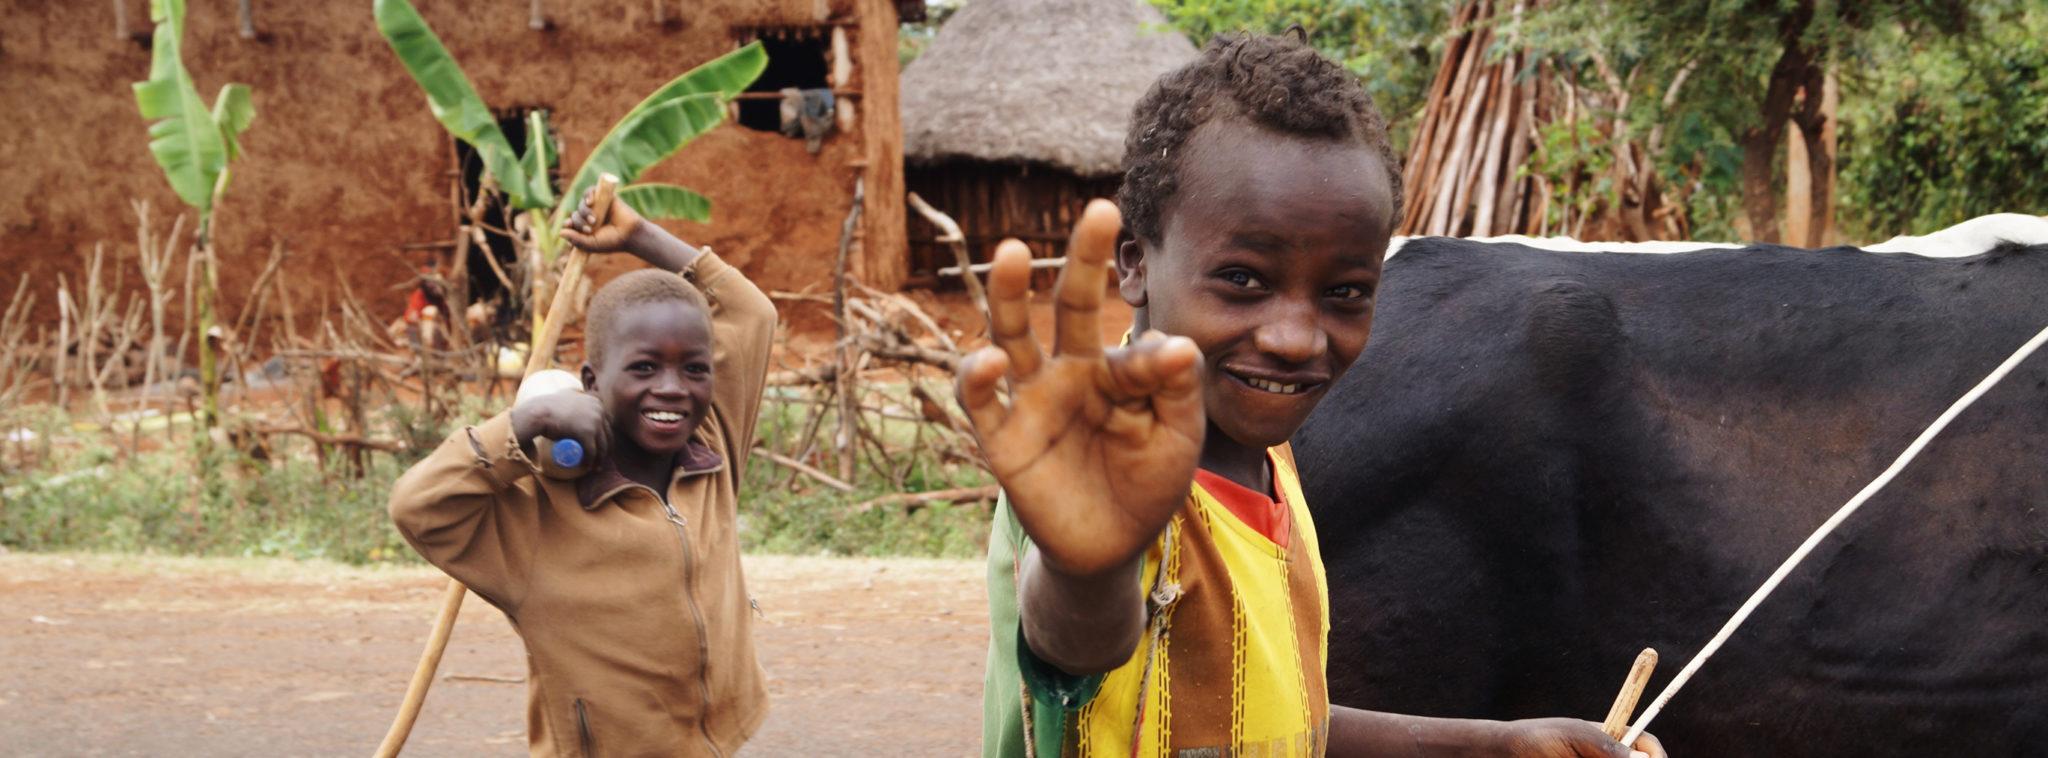 Suedaethiopien-Menschenzoo-Kinder-Slider